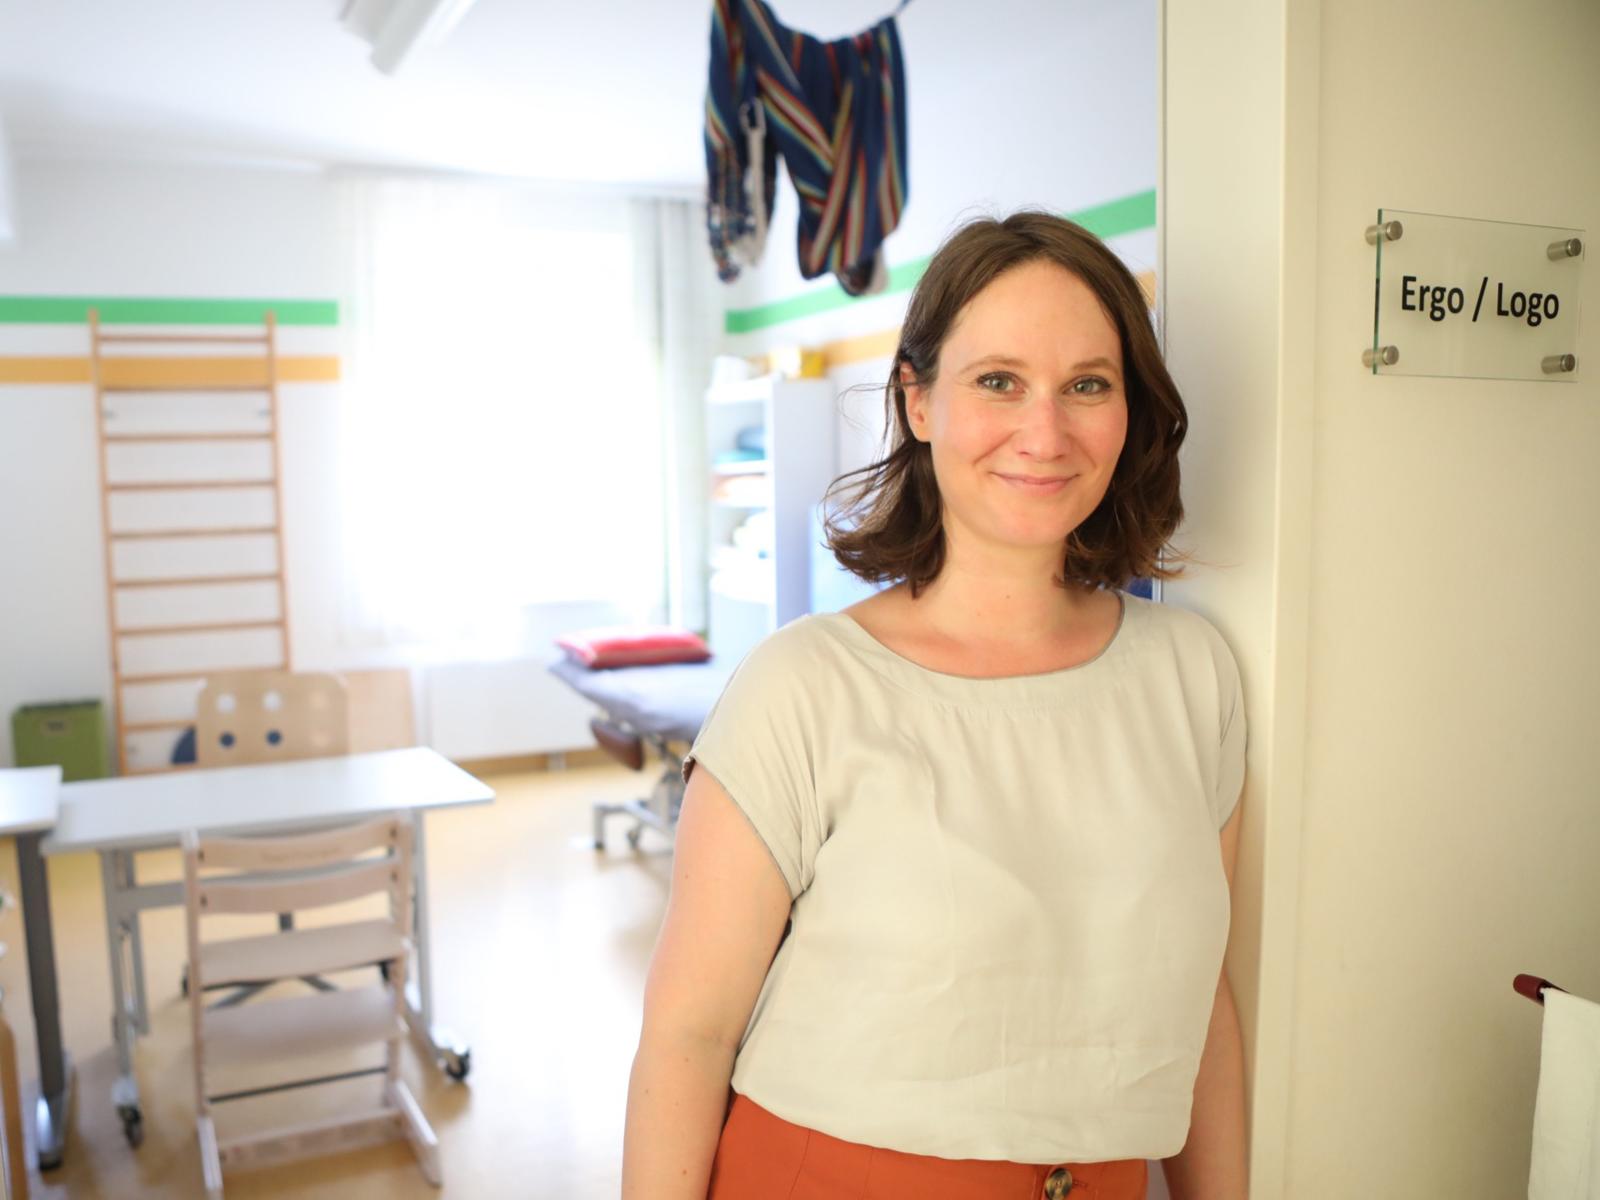 Zähneknirschen - Gastartikel von Logopädin Katharina Veith